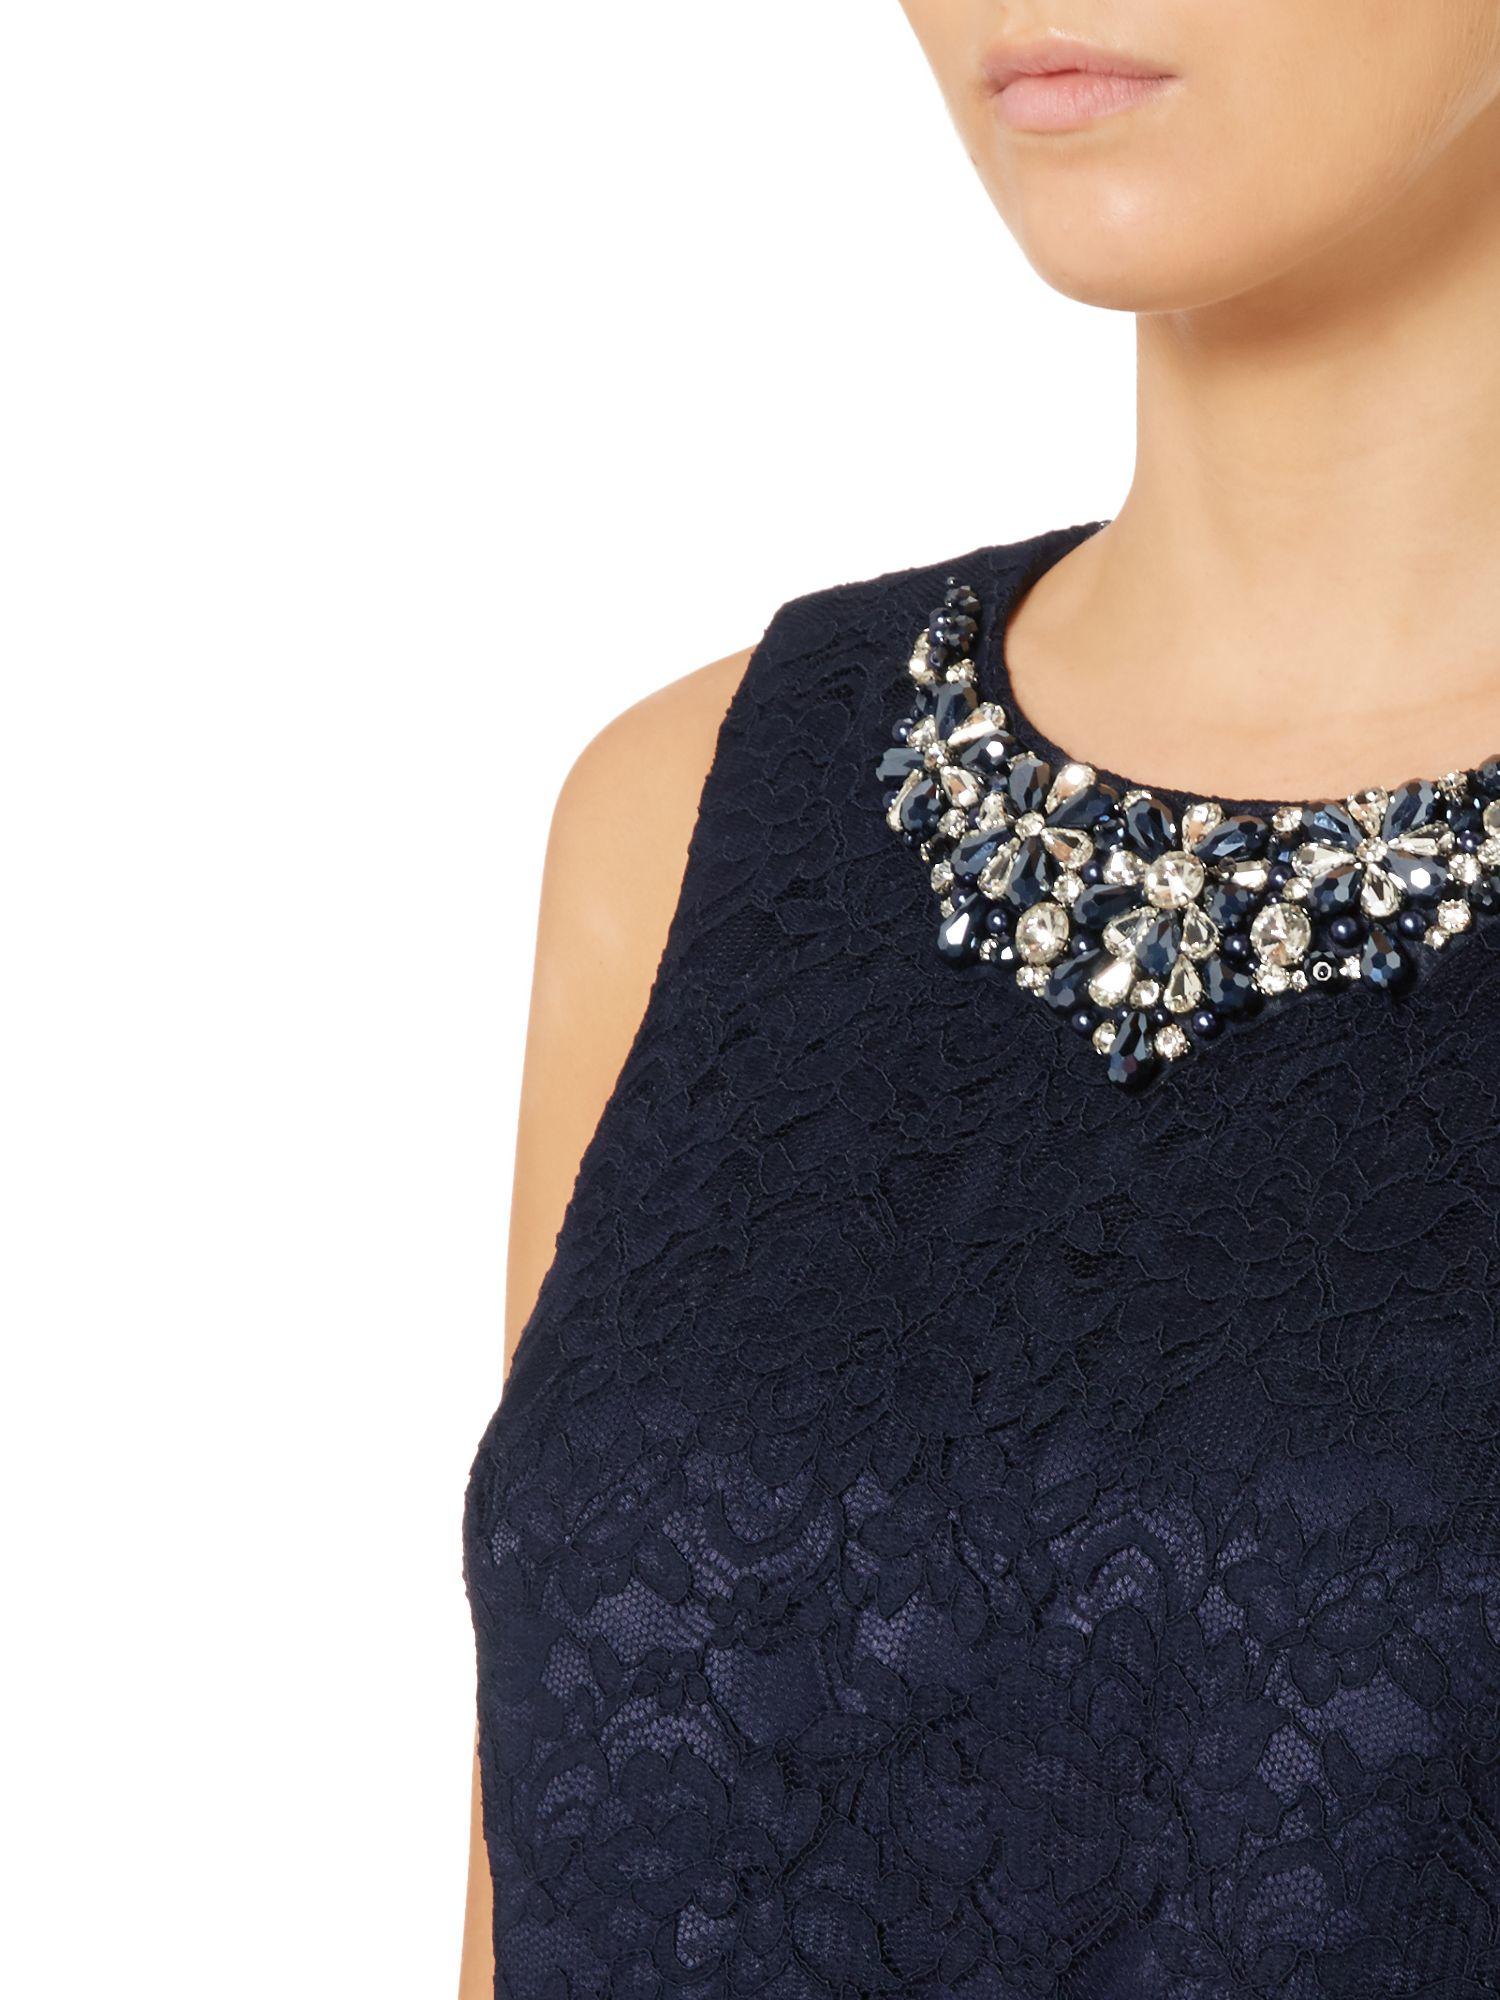 Eliza J Dresses Royal Blue | Dress images